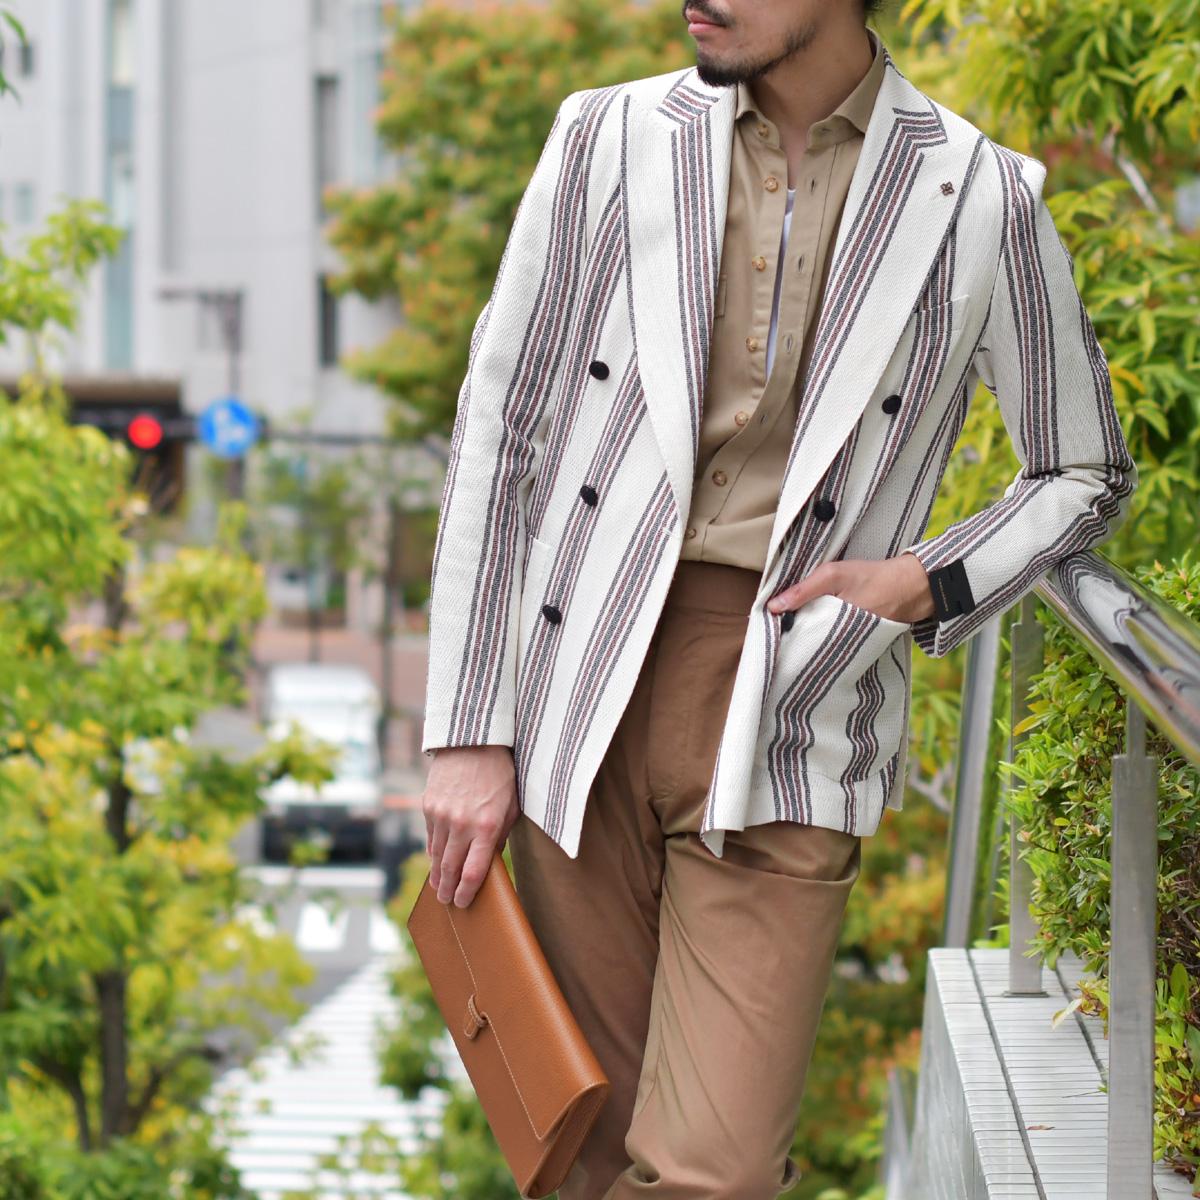 春らしい爽やかな雰囲気が感じるストライプジャケット!TAGLIATORE【タリアトーレ】